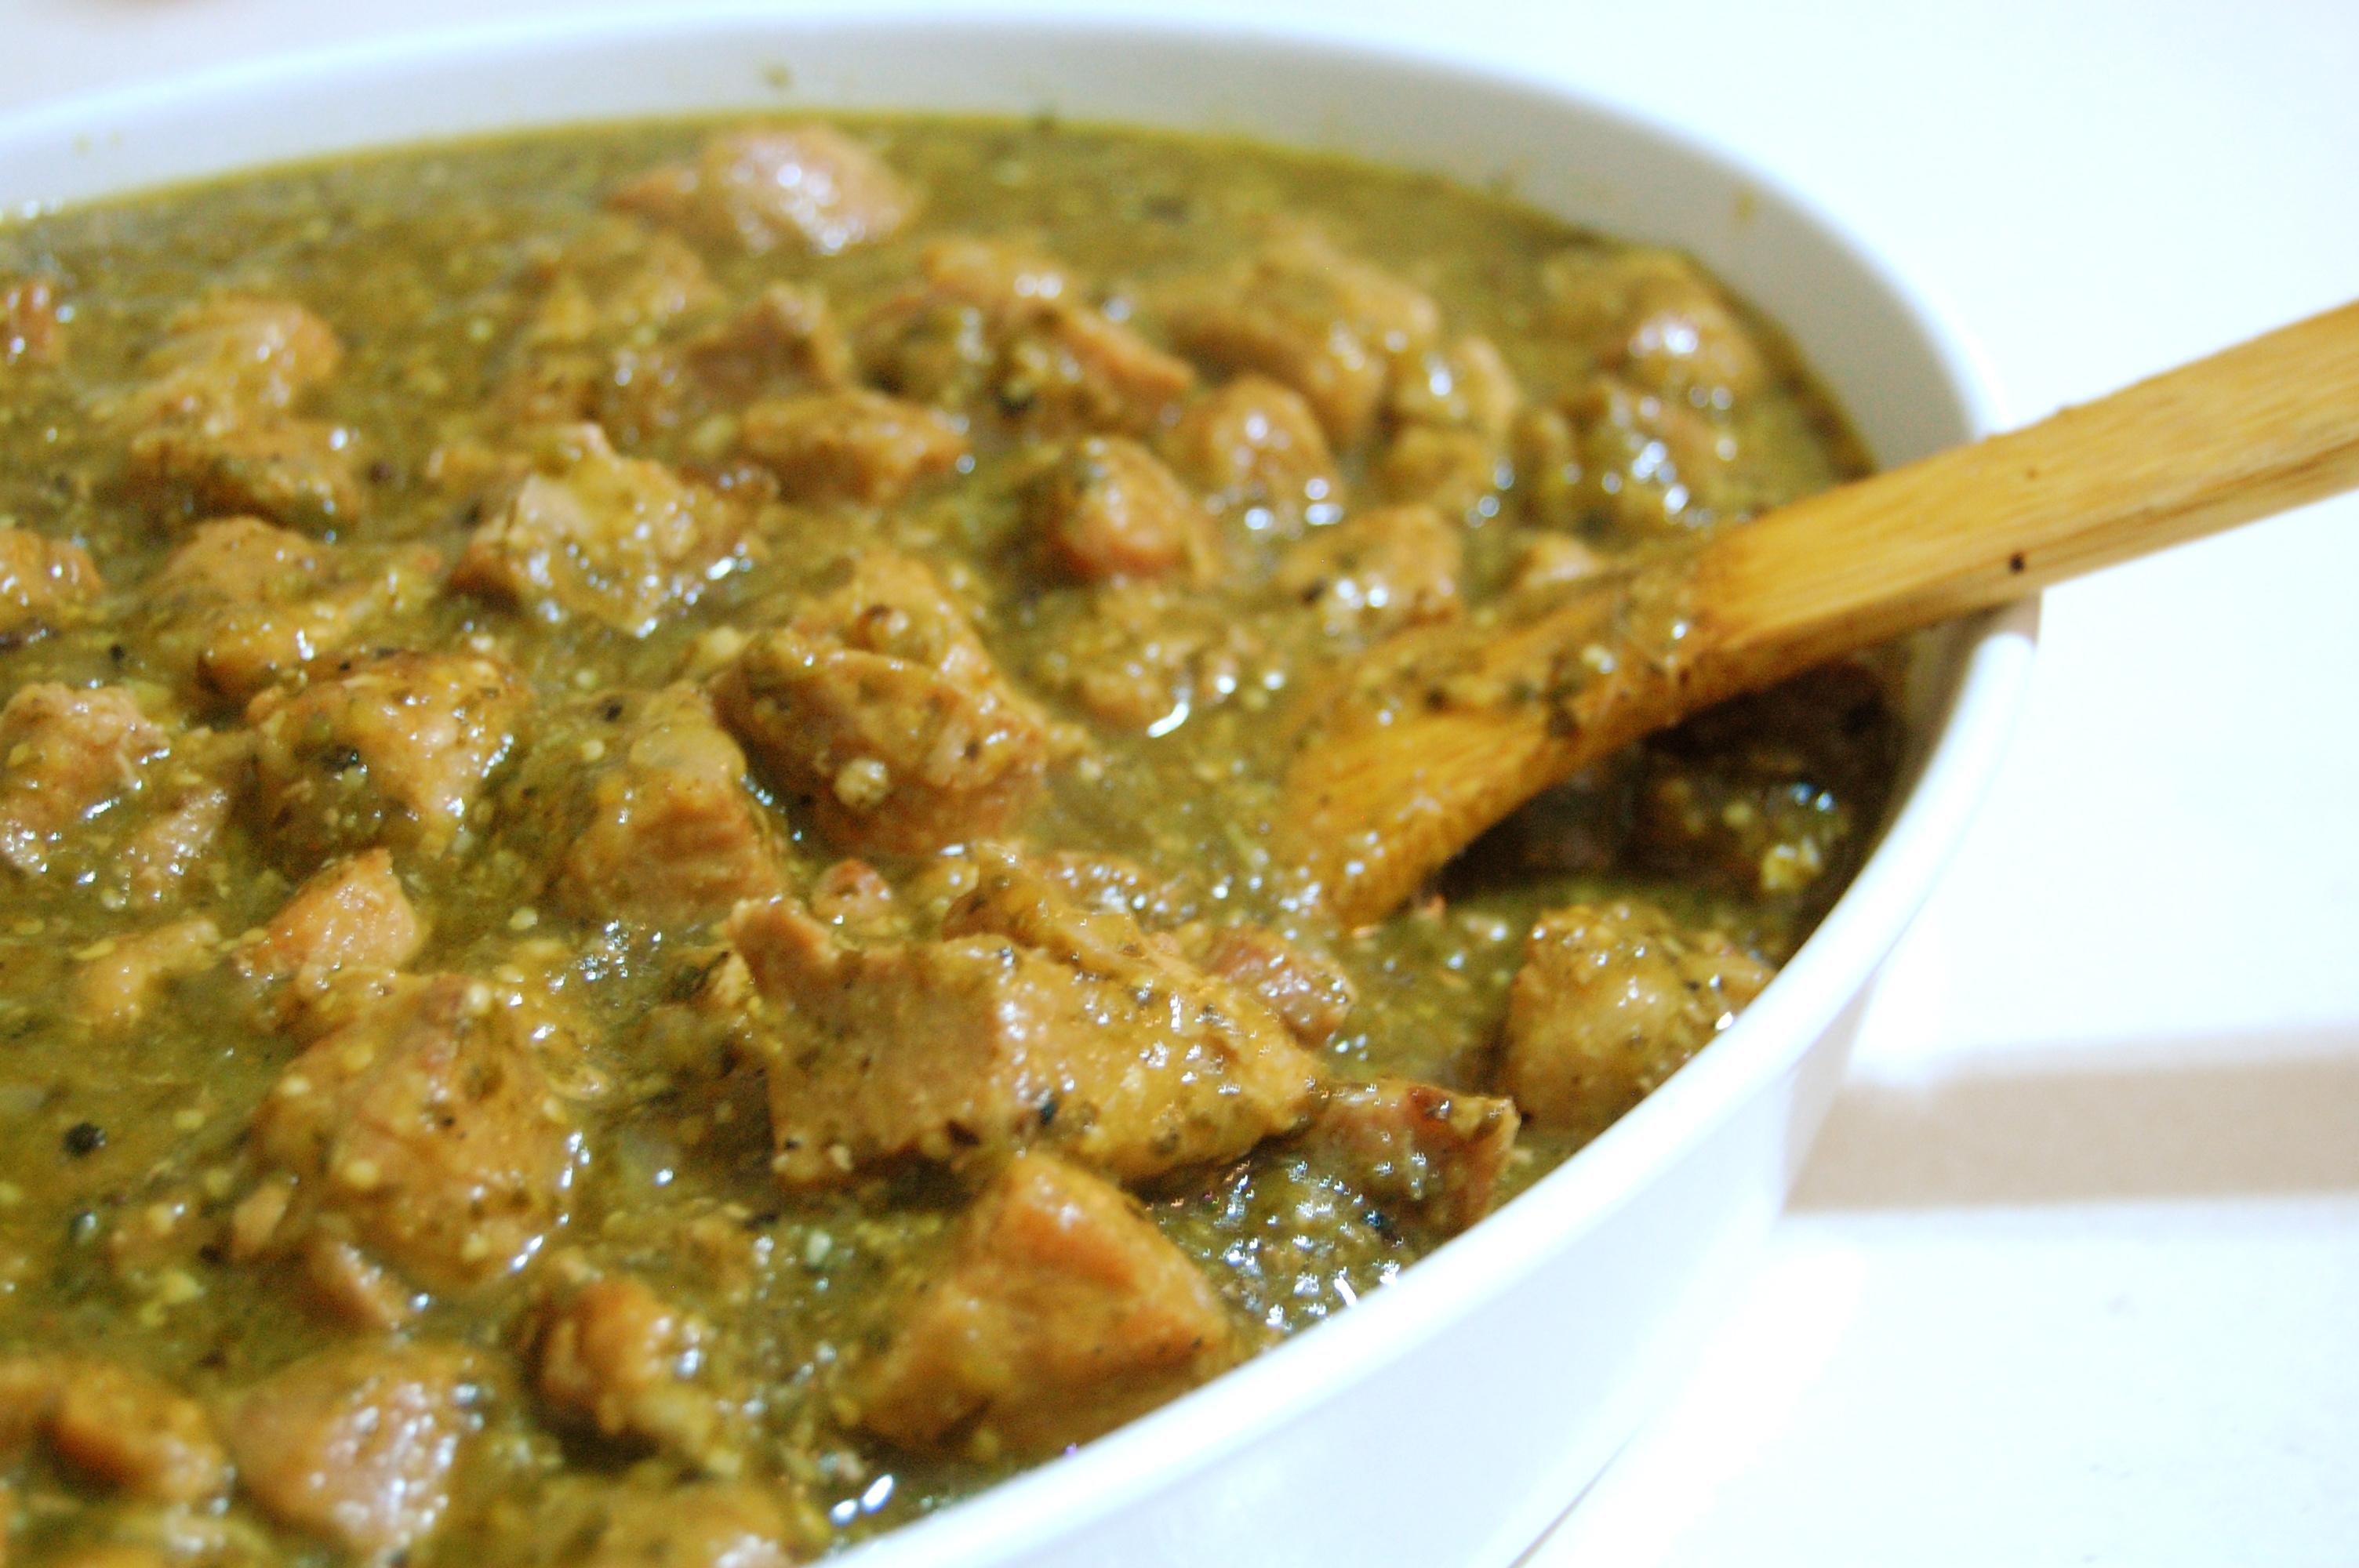 Recipe for chicken chili verde